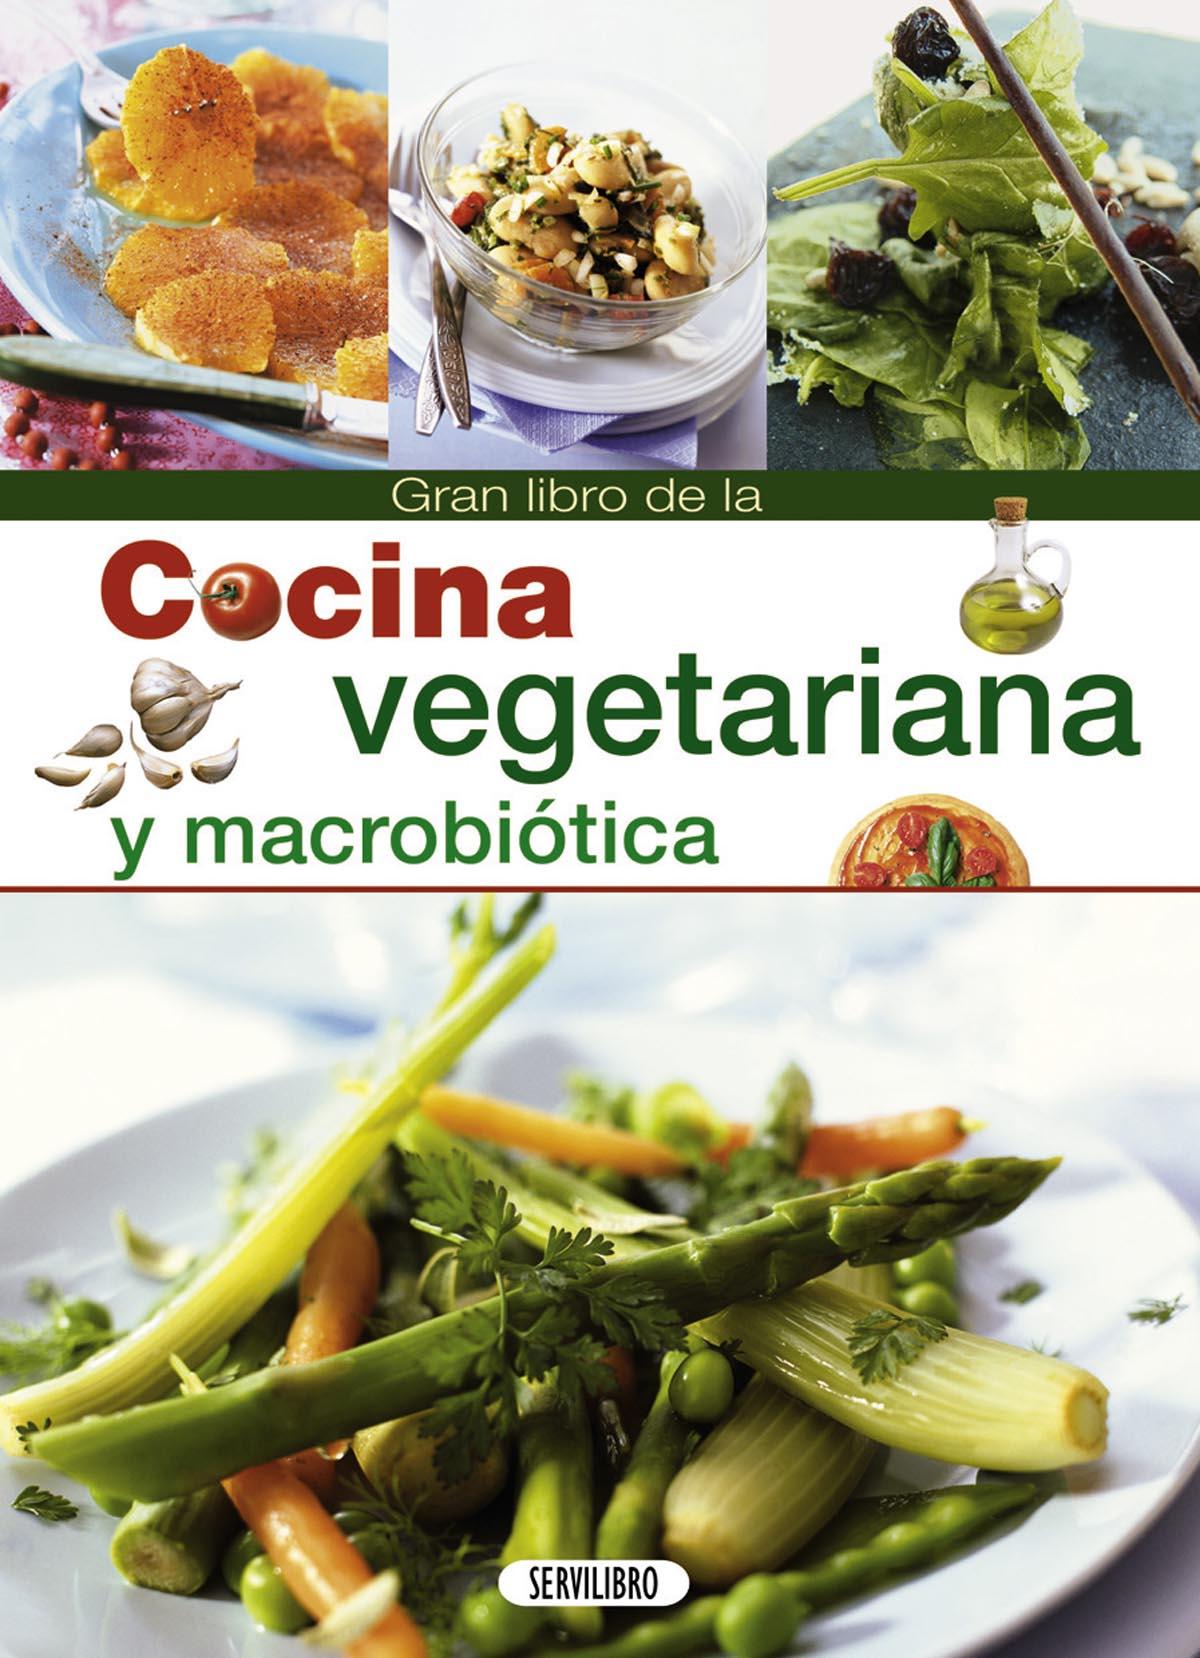 Libros de cocina libros servilibro ediciones cocina for Cocina macrobiotica